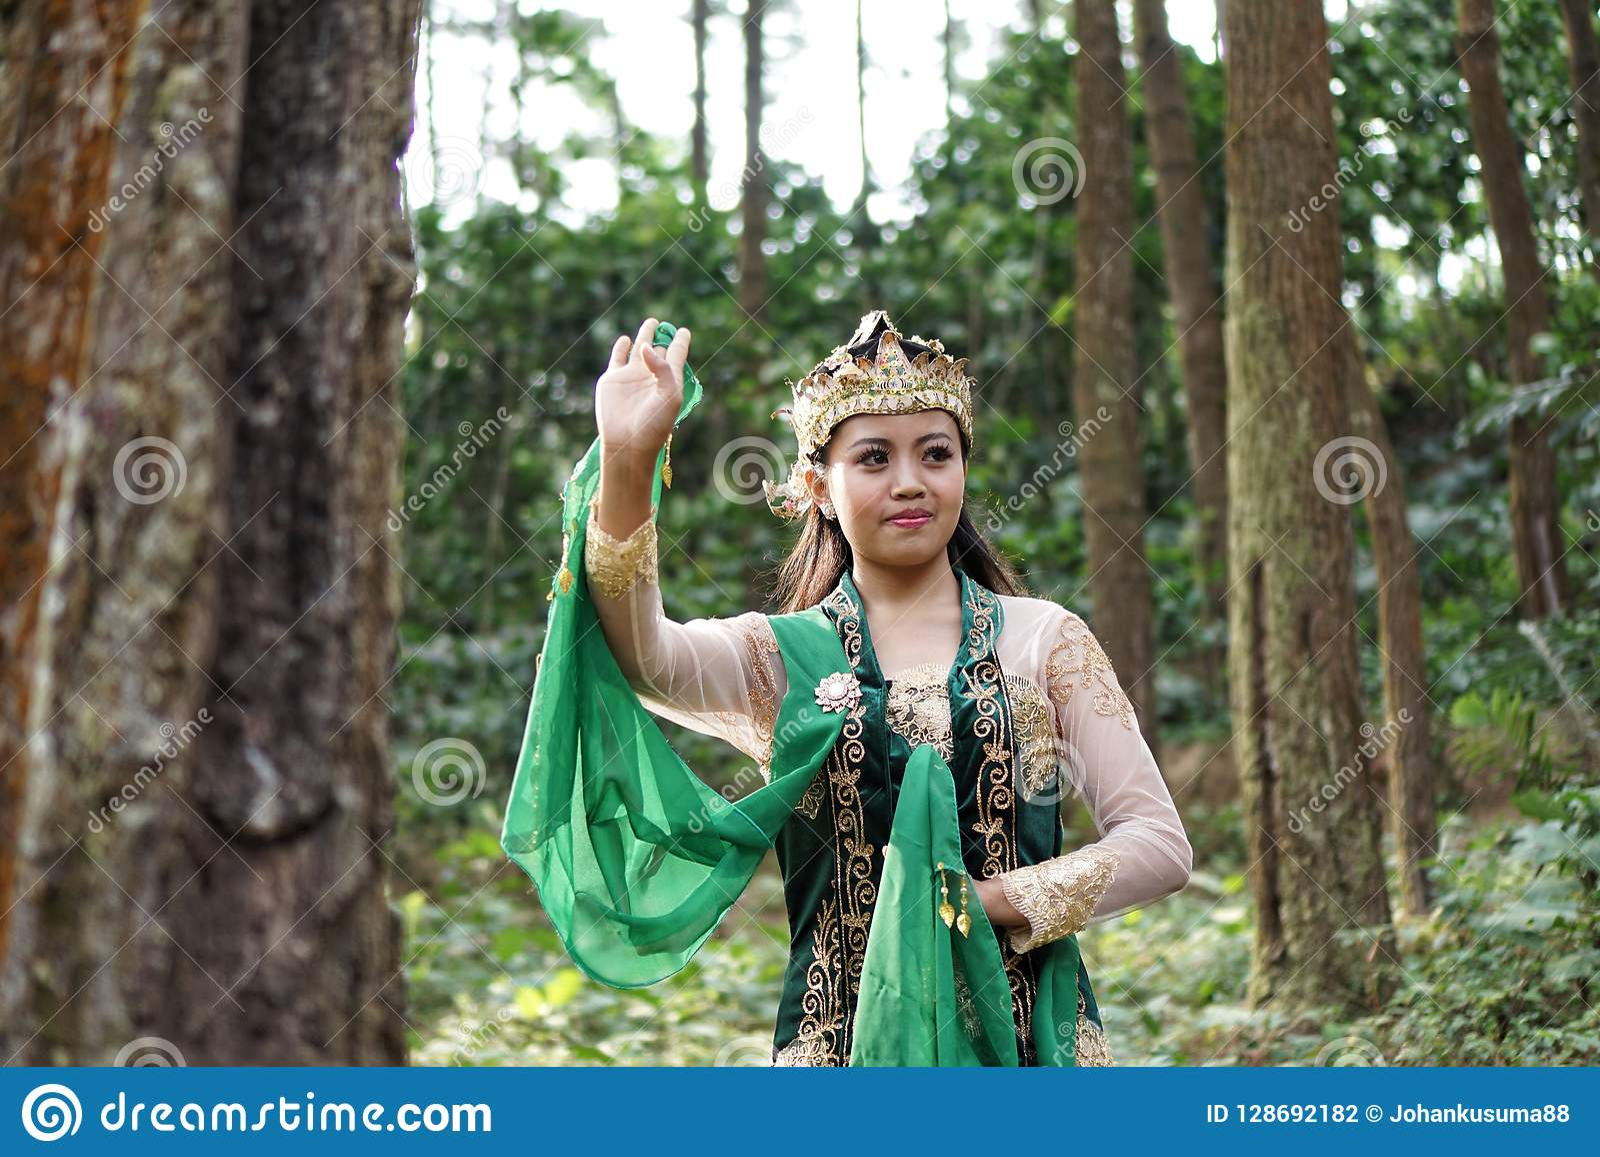 Fille indonésienne posant pour une danse de lengger